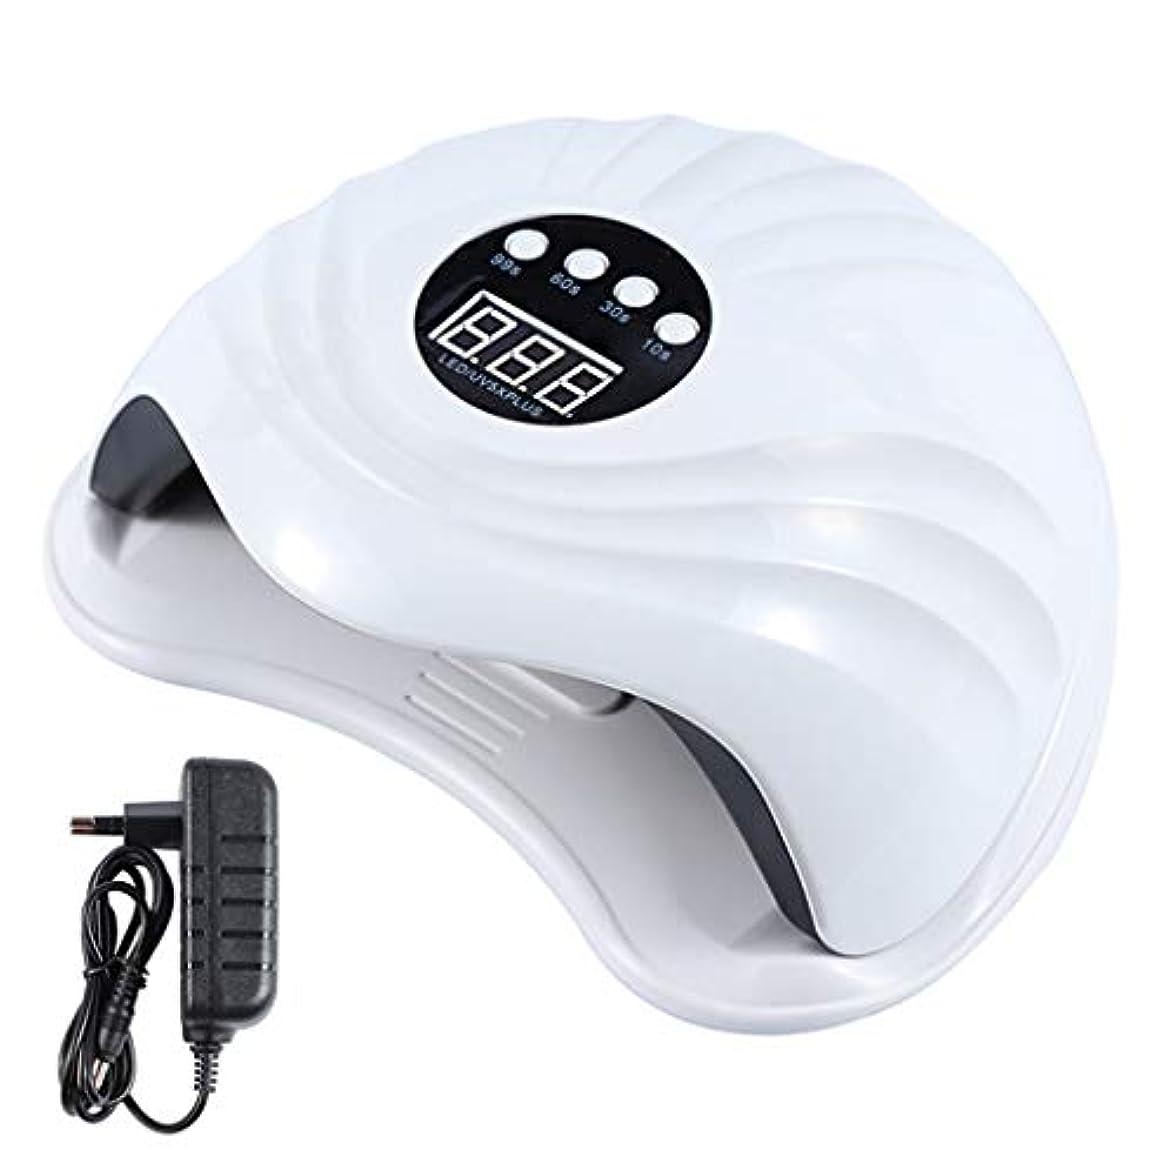 クリーム広いご意見YHSUNN Sun5x Plus UVネイルセラピーマシンランプライト108ワット36 LEDタイマーレスマニキュアツール付き痛みのないセラピージェルポリッシュドライヤー